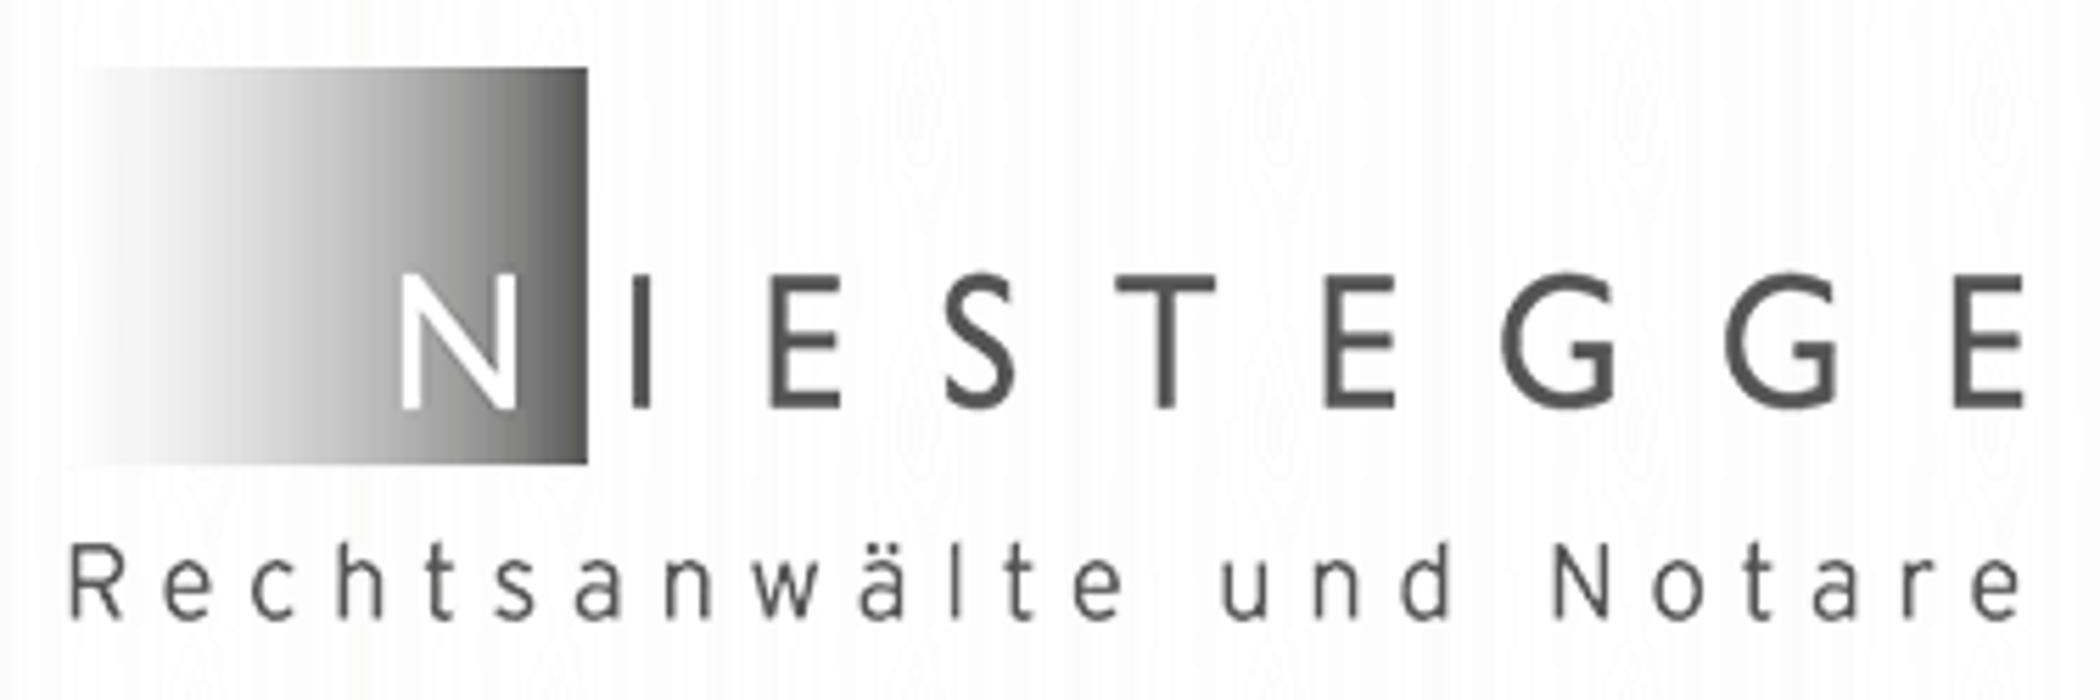 Bild zu Niestegge Rechtsanwälte PartG in Lippstadt